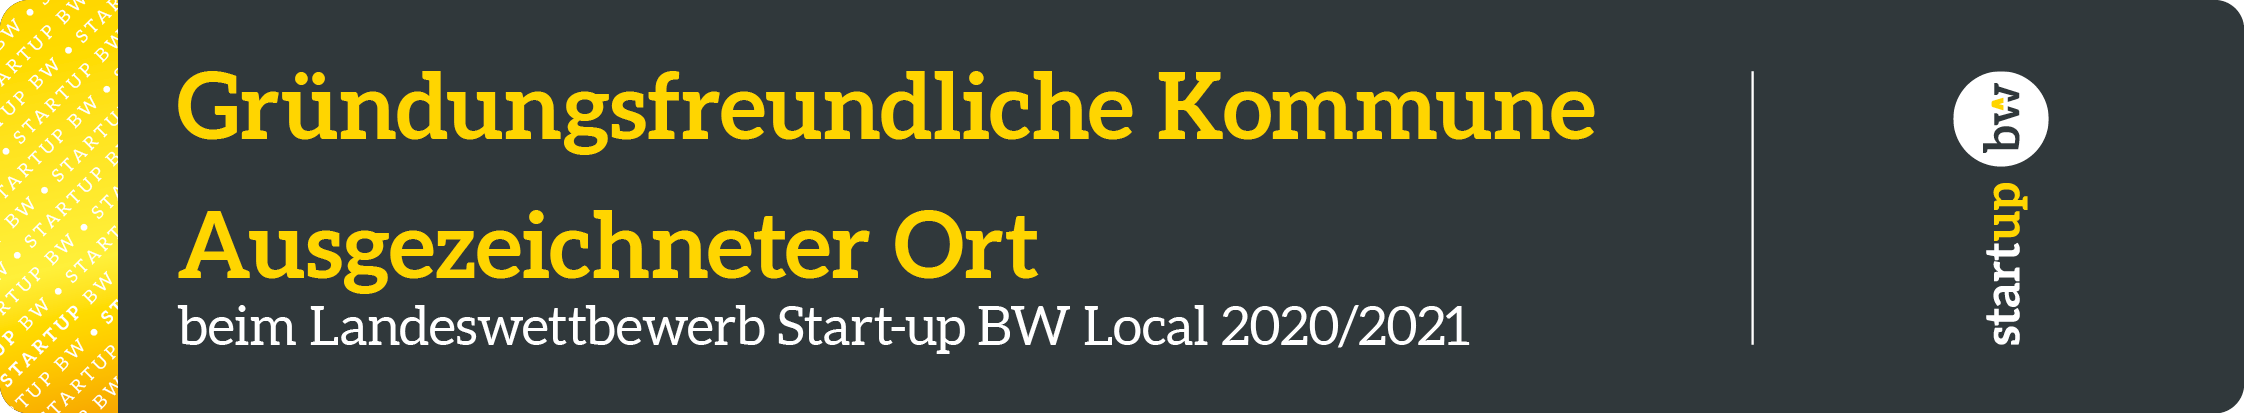 Plakette des StartUpBW Local: Gründungsfreundliche Kommune, Ausgezeichneter Ort beim Landeswettbewerb Start-up BW Local 2020/2021